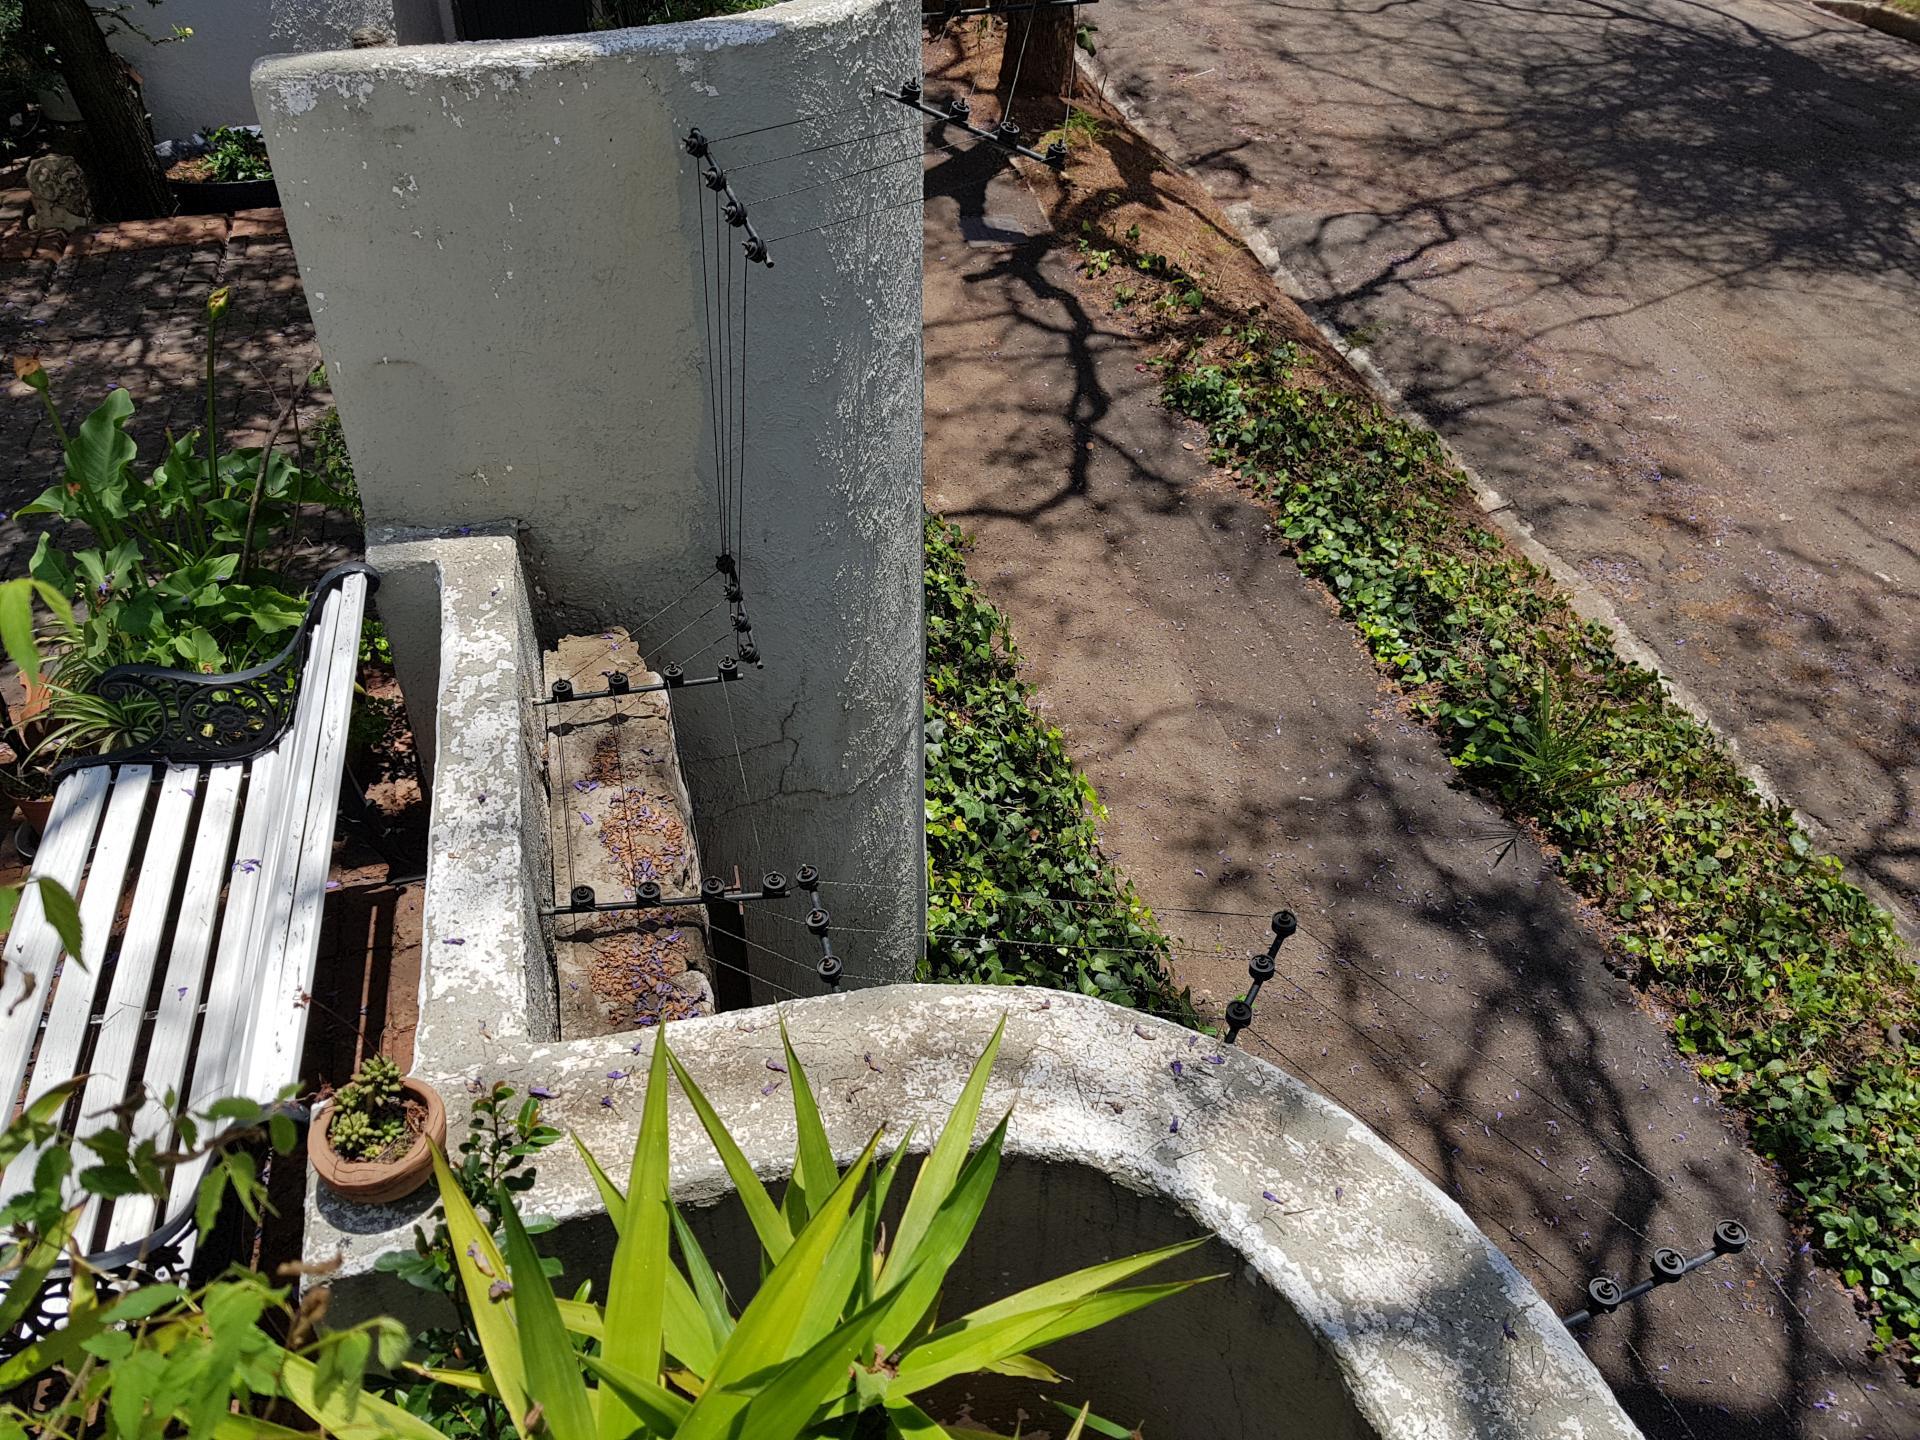 проволока под напряжением в Йоханнесбурге